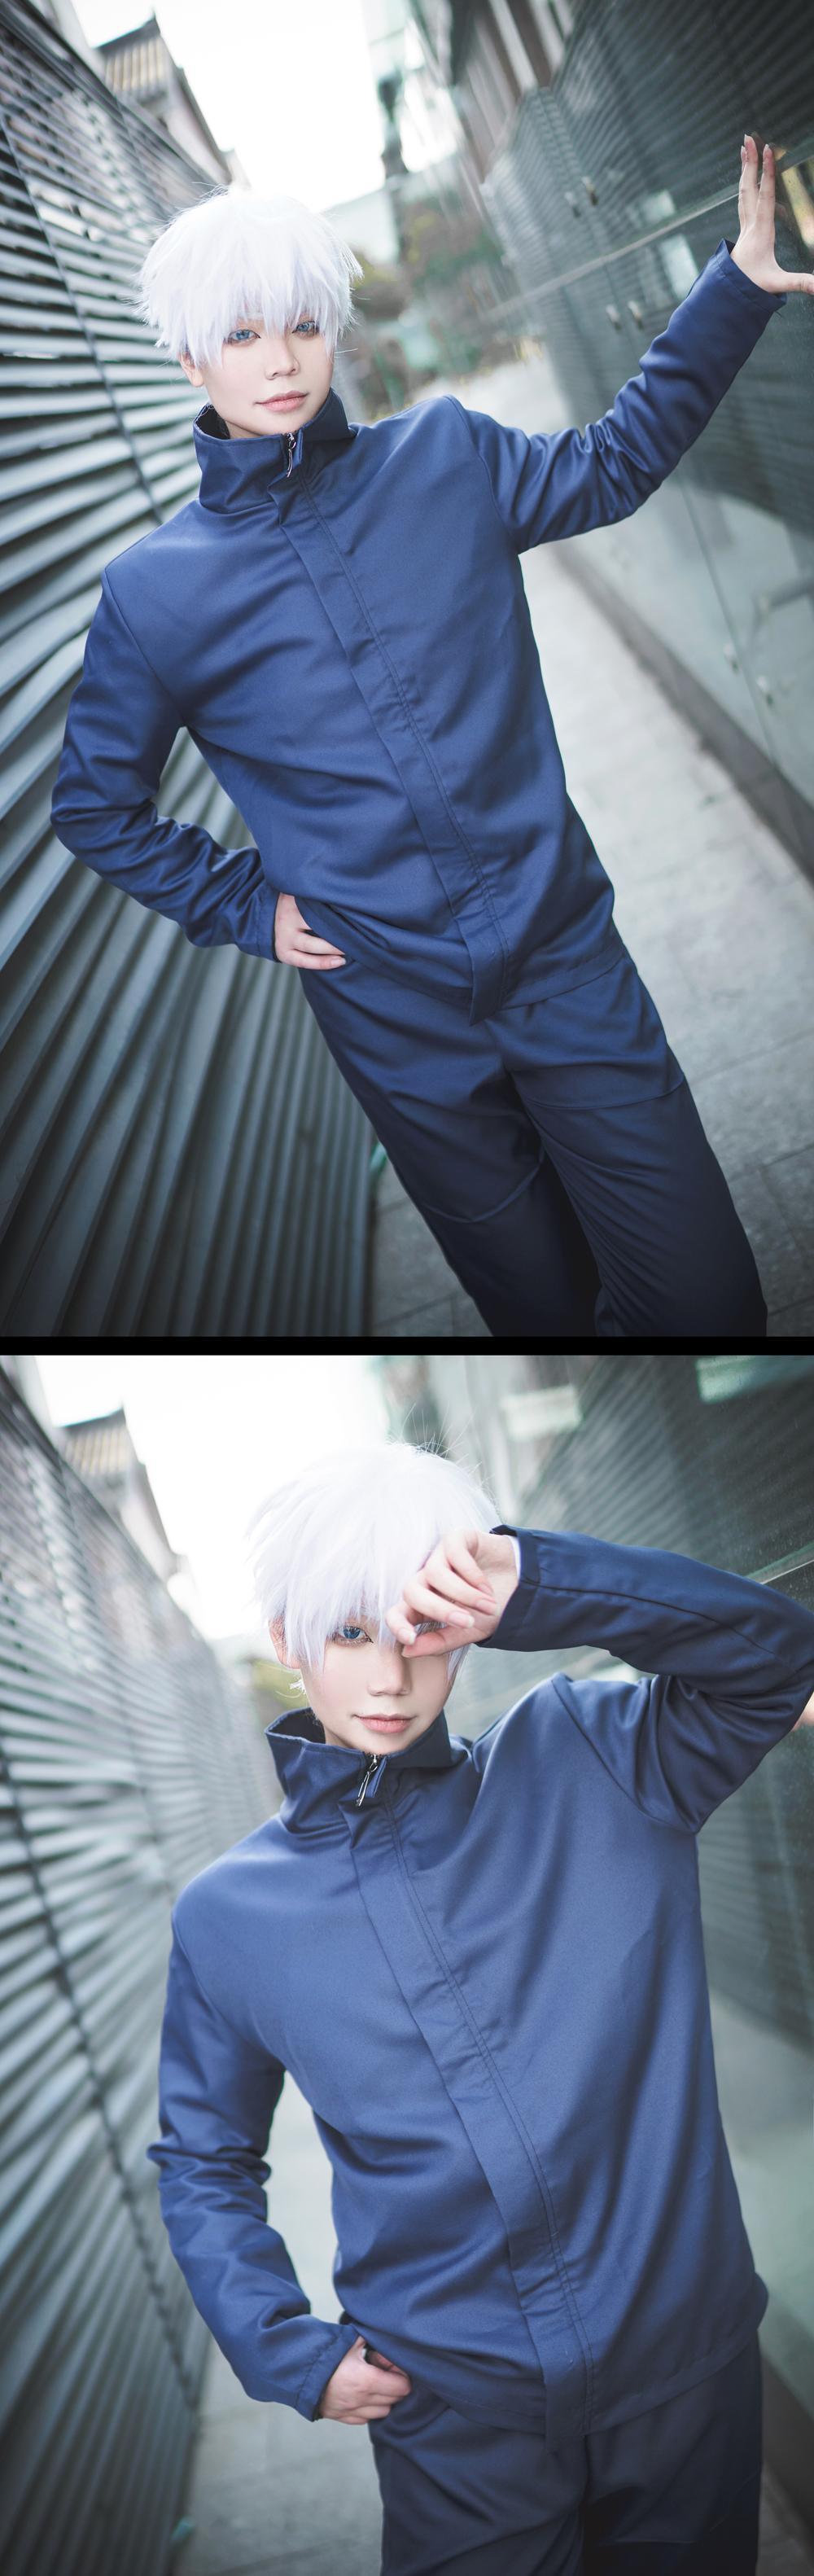 《咒术回战》正片cosplay【CN:枫鵺rain】-第6张